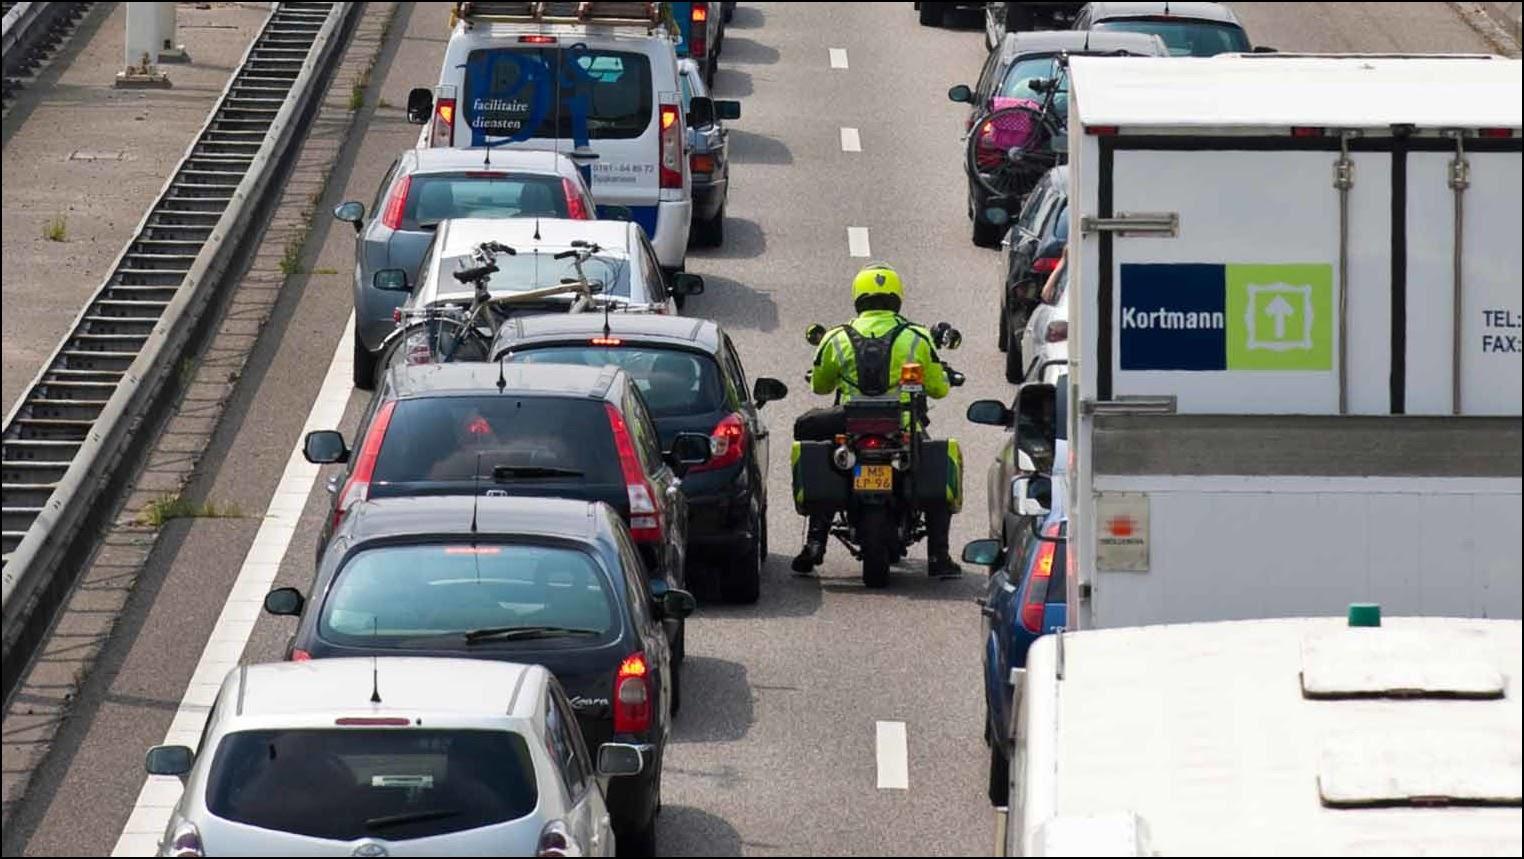 Как разрешено проезжать пробку. Фото: ANWB.